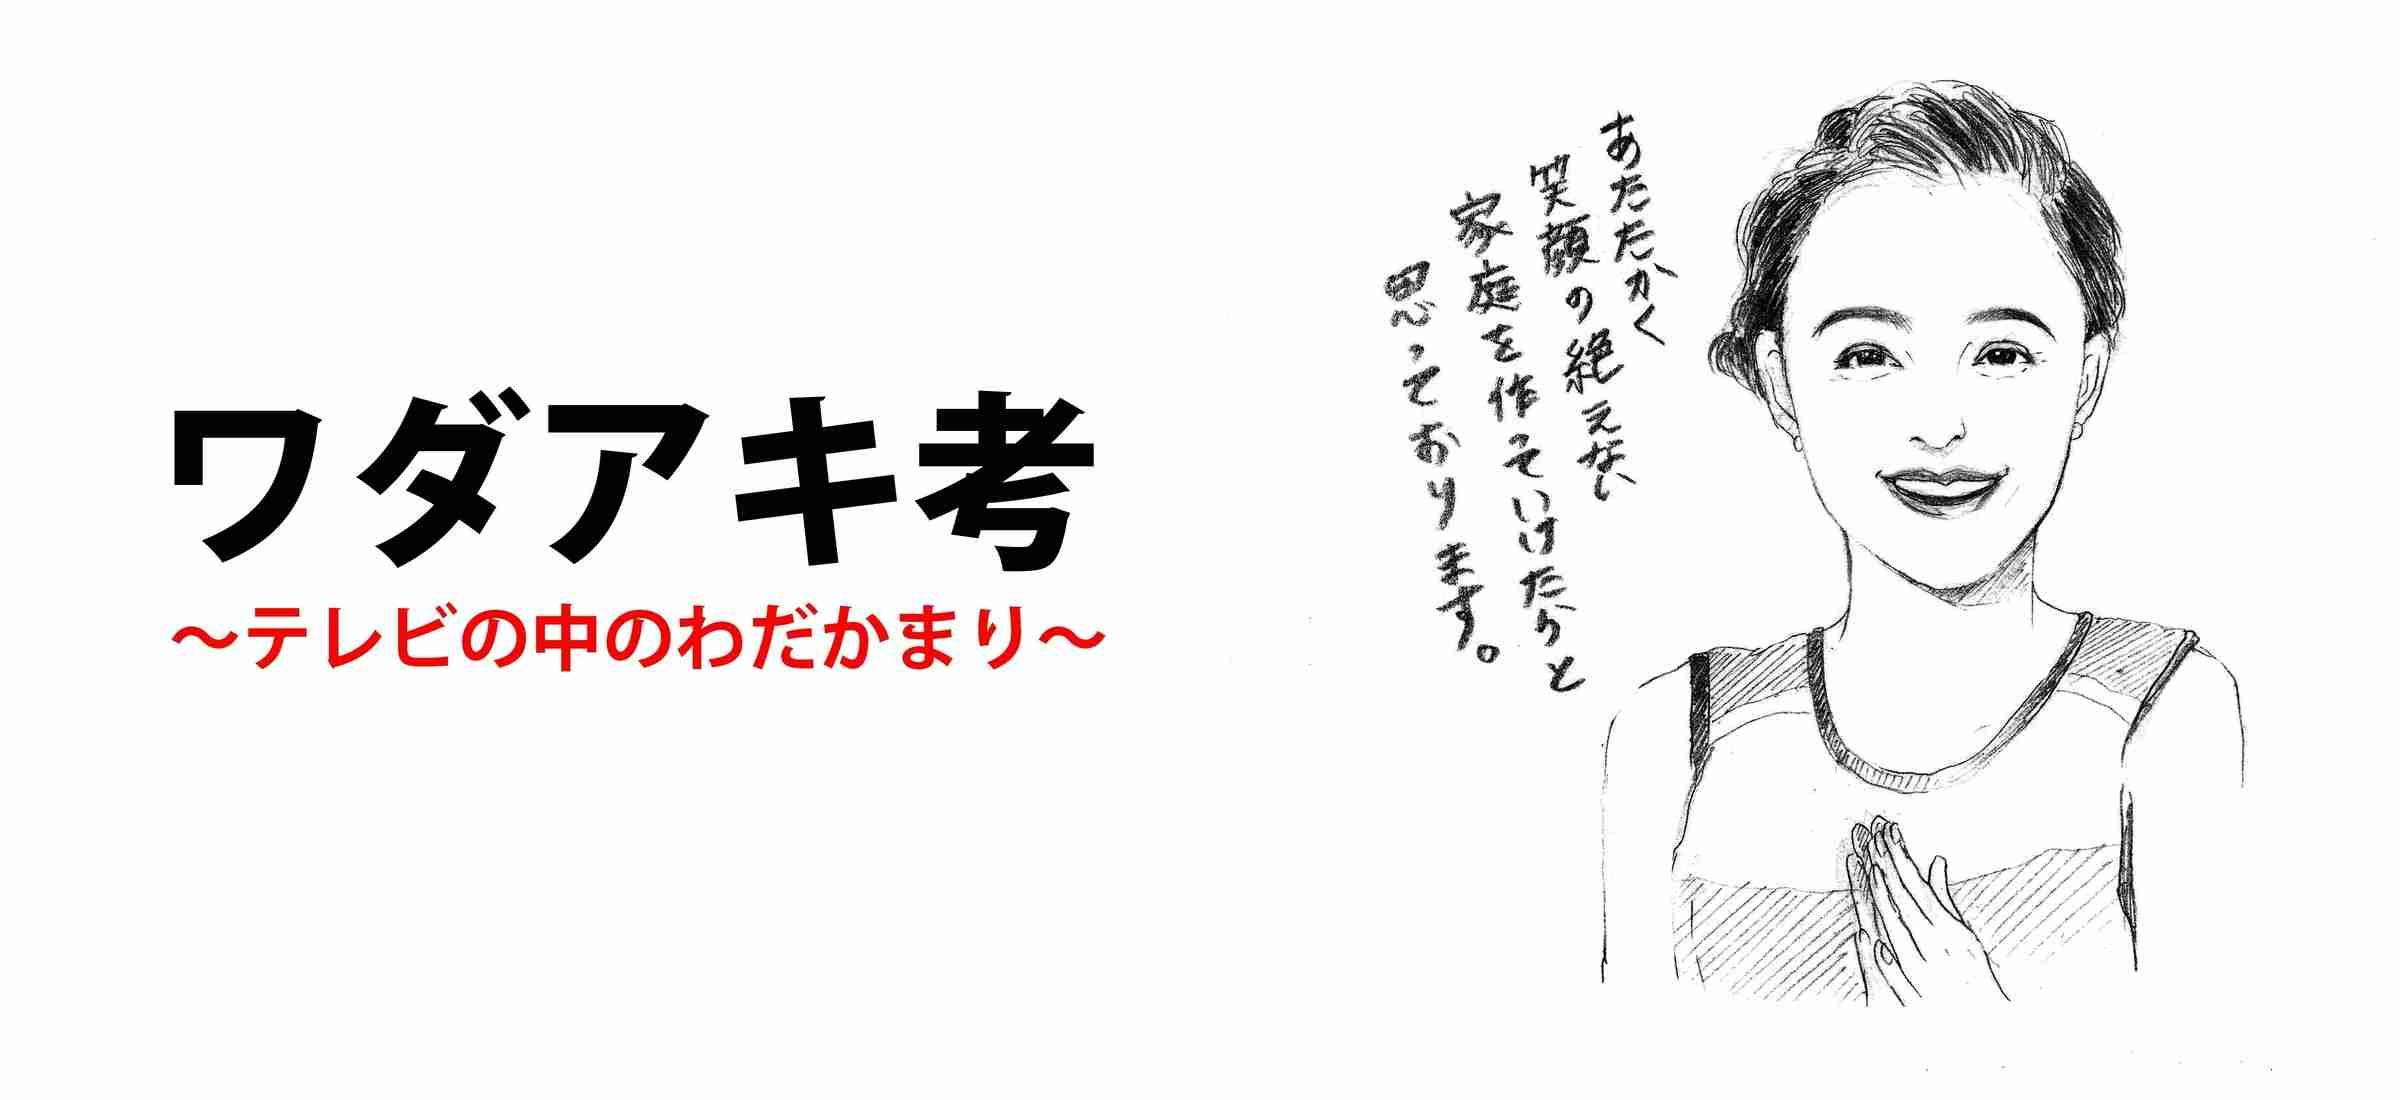 吹石一恵をブラトップだけで語るな|ワダアキ考 〜テレビの中のわだかまり〜|武田砂鉄|cakes(ケイクス)